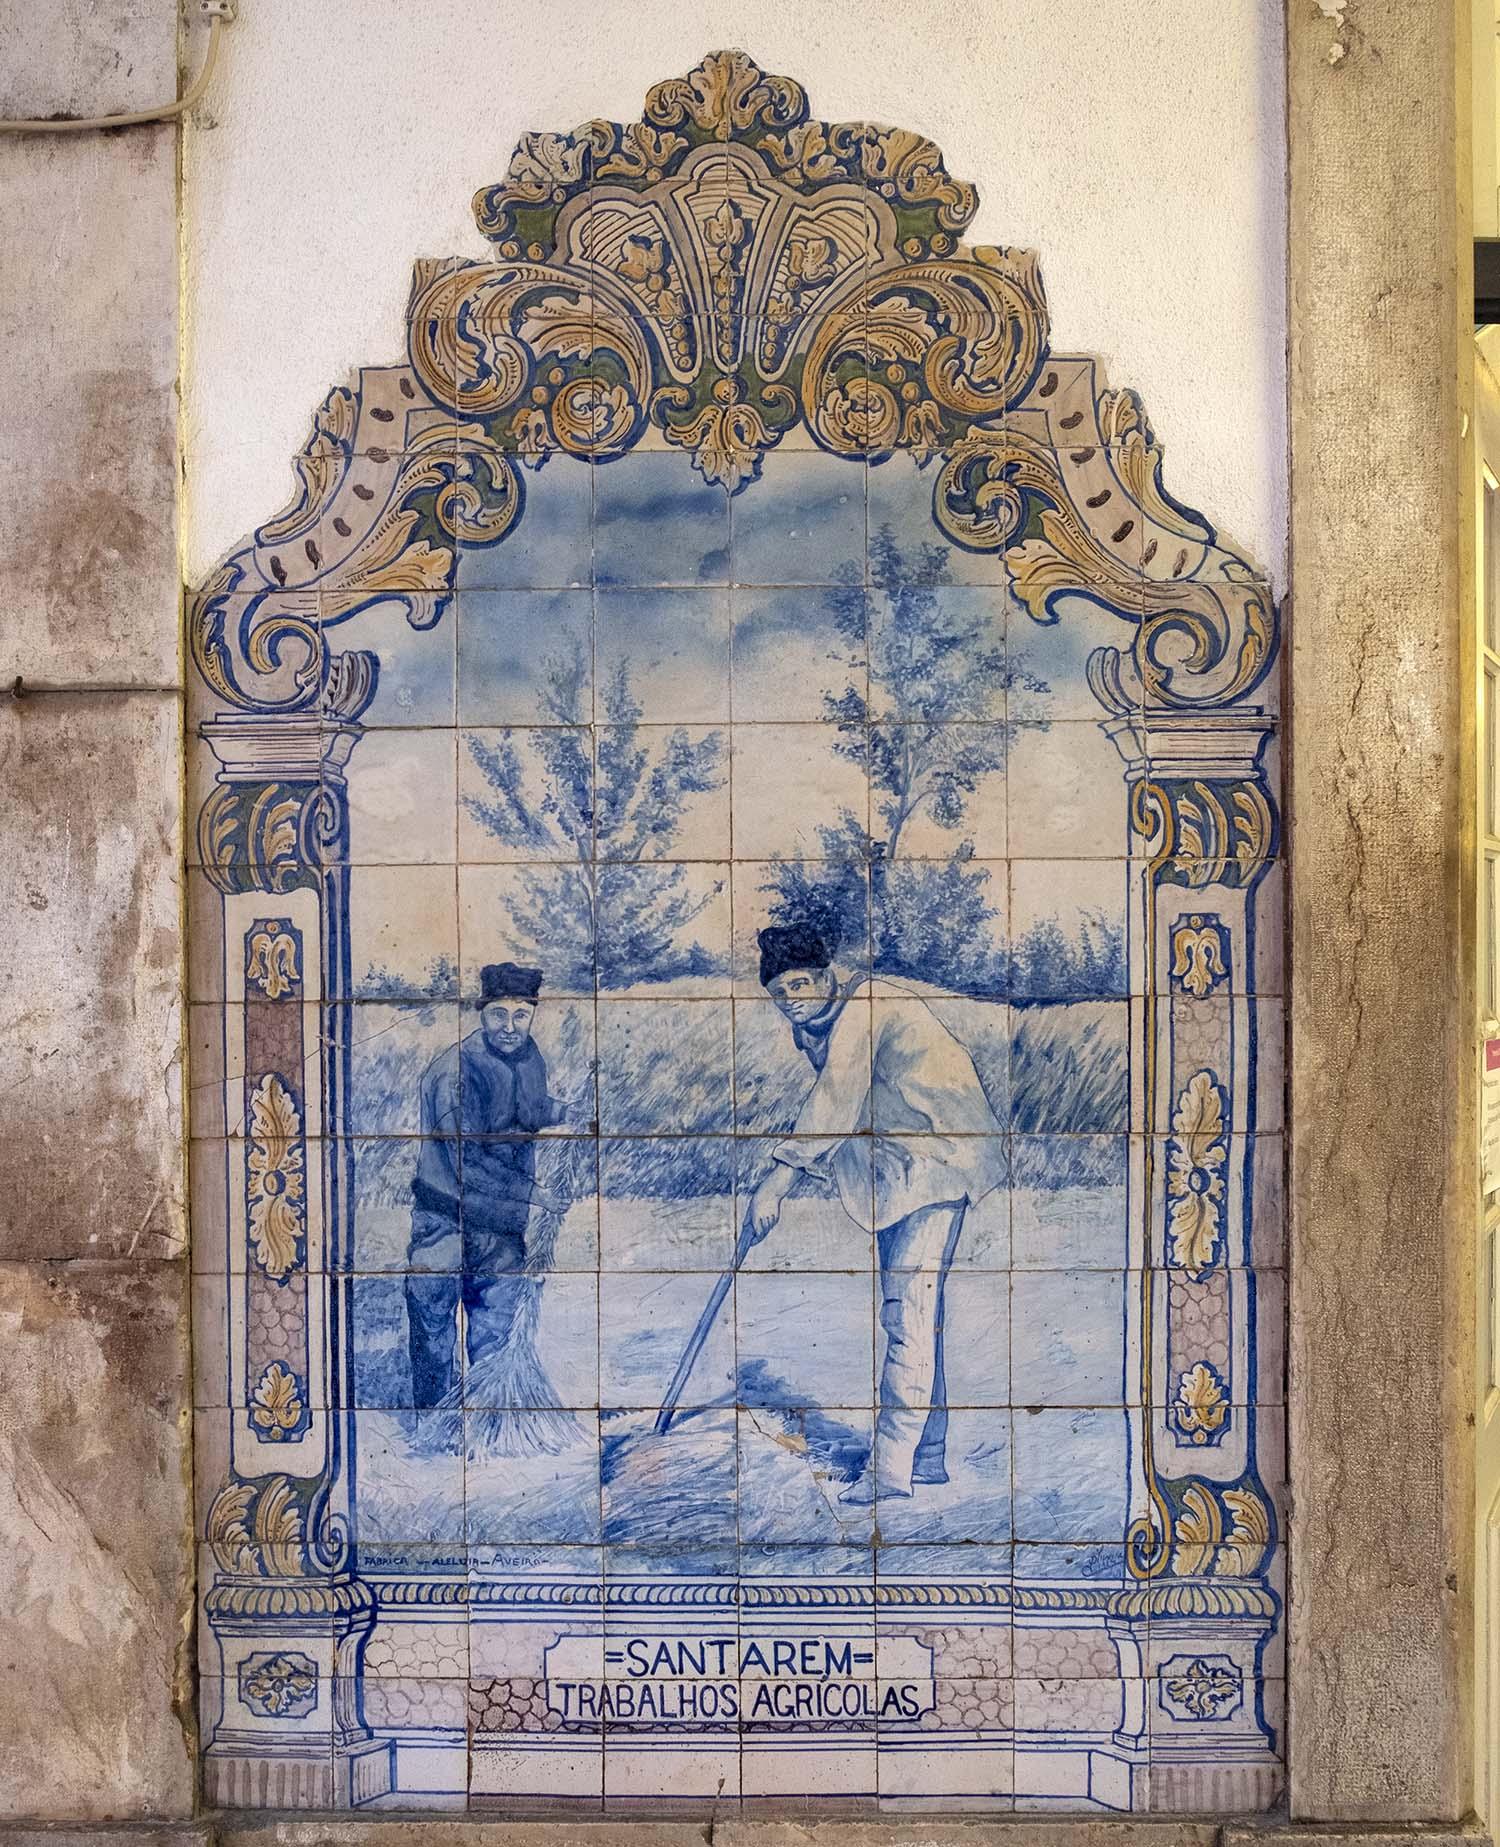 site_estacao_santarem_azulejo_DSCF7508